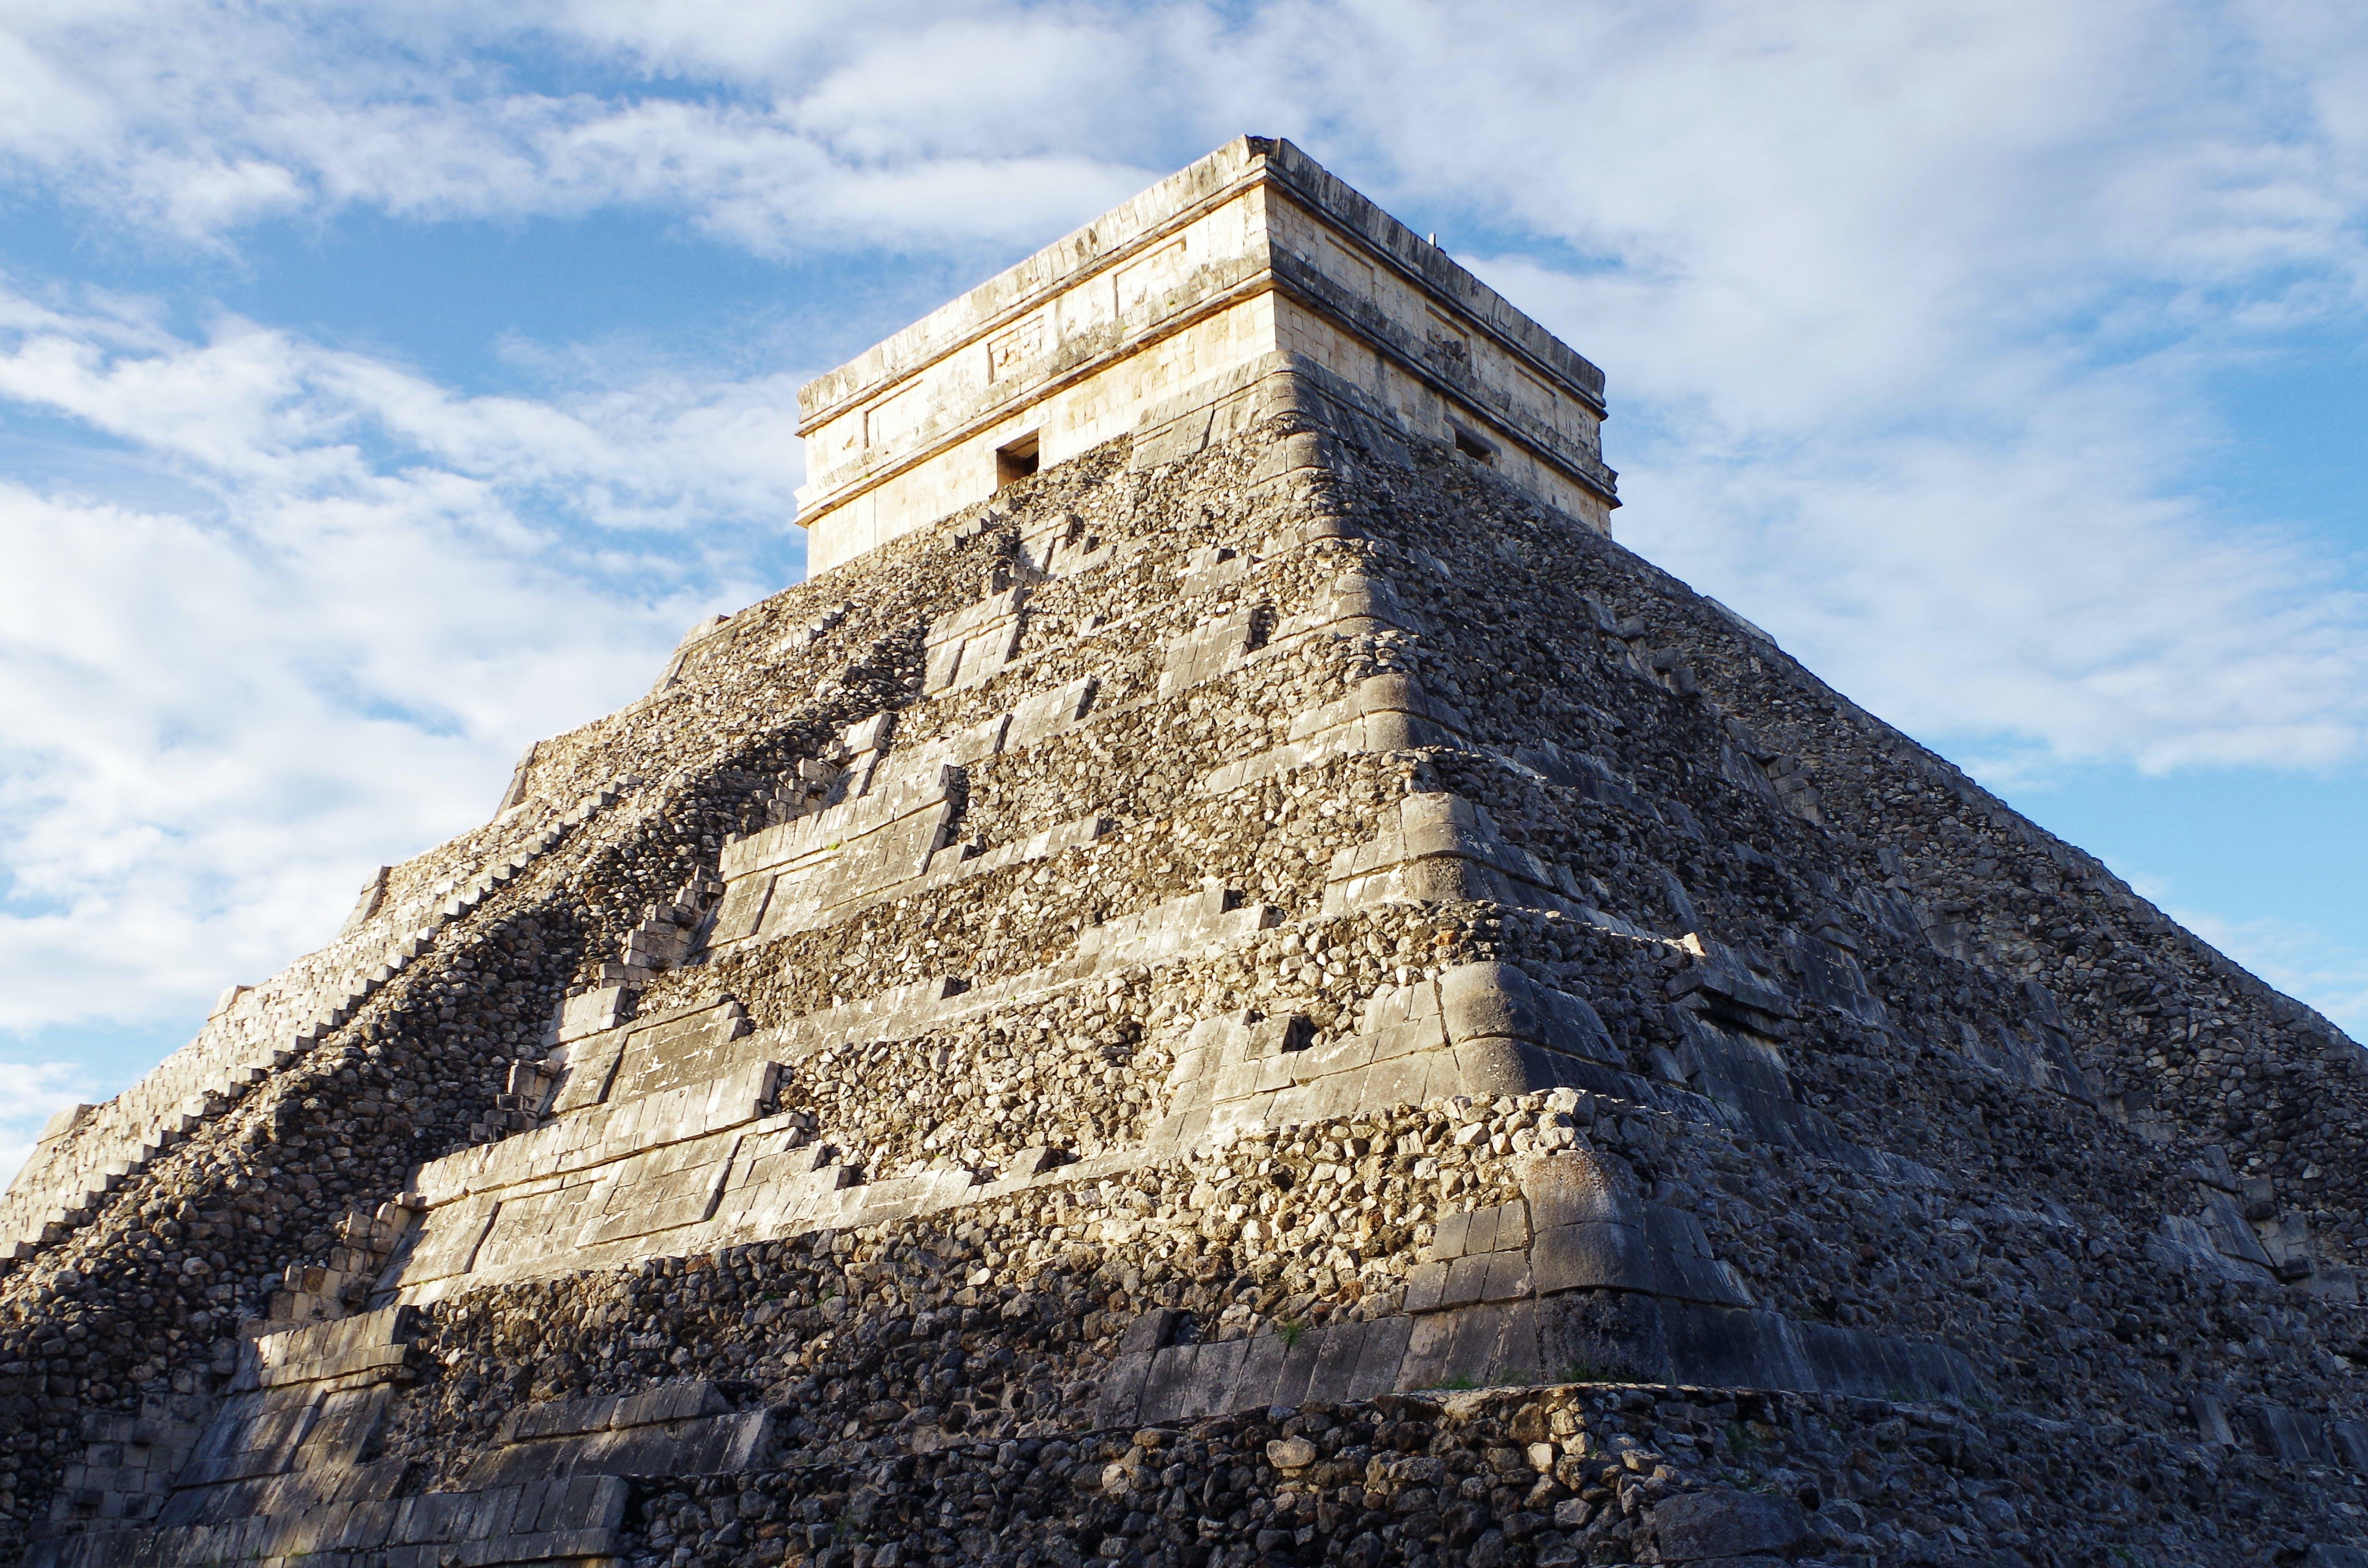 chichã©nitzã¡, 古老的, 埃尔卡斯蒂略, 墨西哥 的 免费素材照片